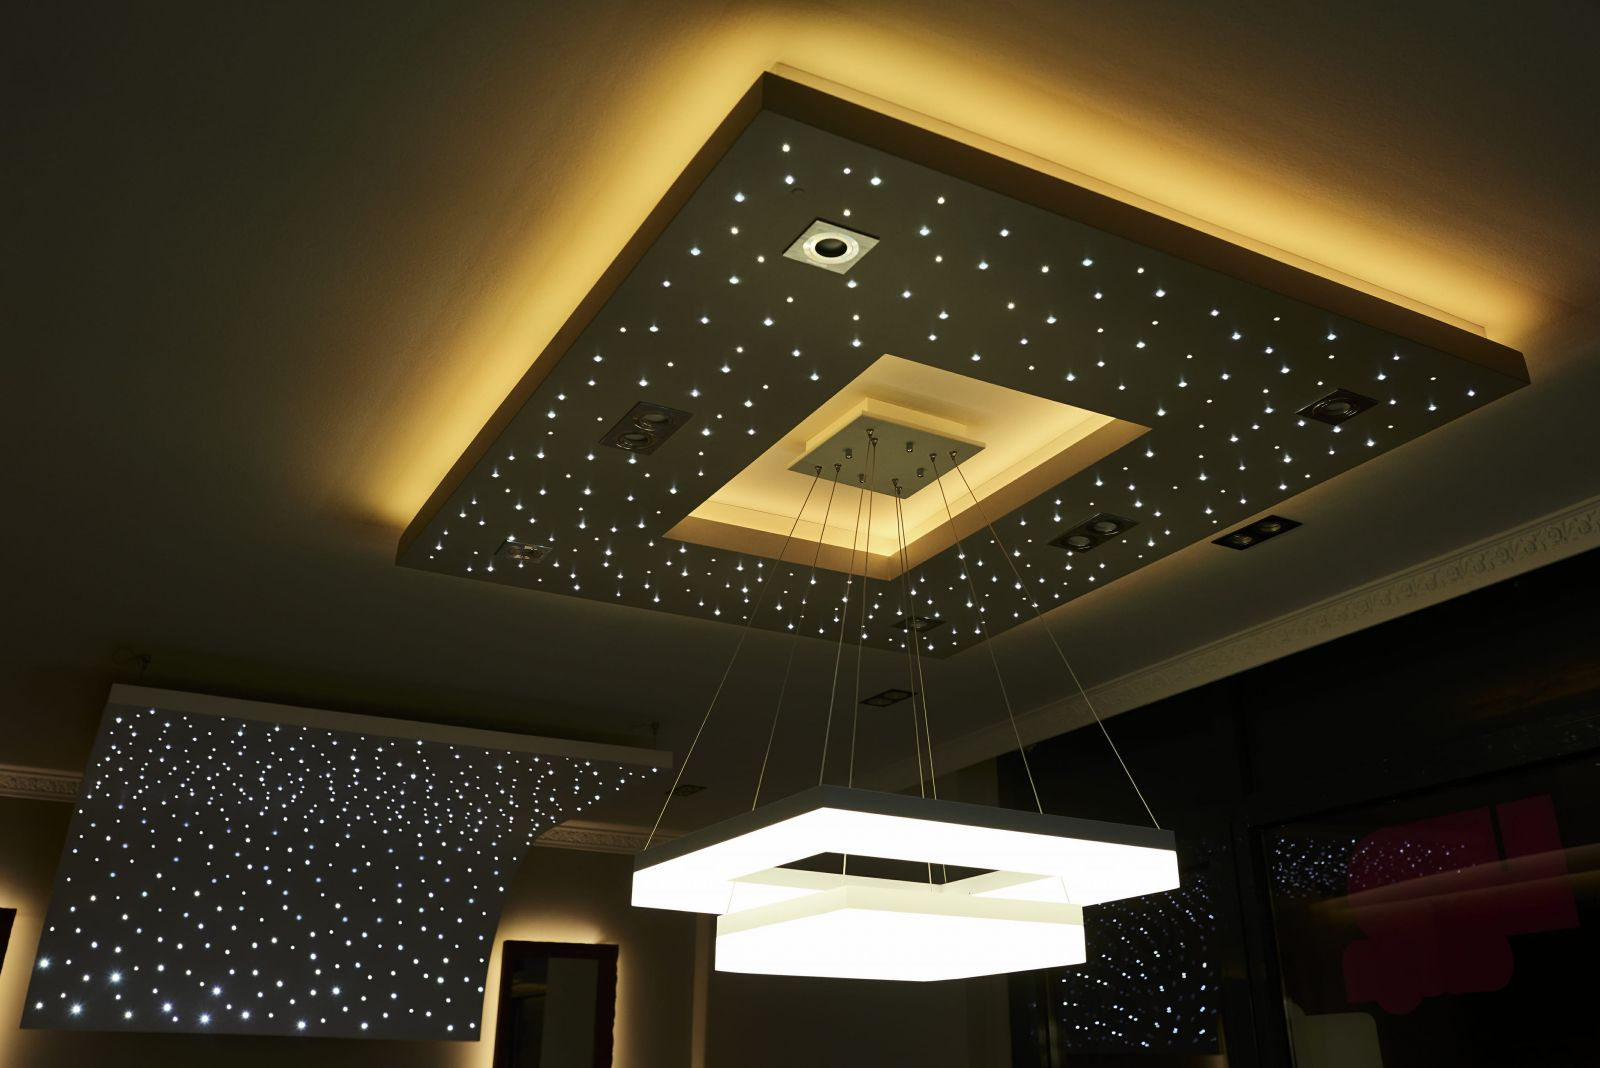 bcbfd9bac8ef Fontosnak tartod, hogy LED világításod amellett, hogy energiatakarékos még  esztétikus is legyen?